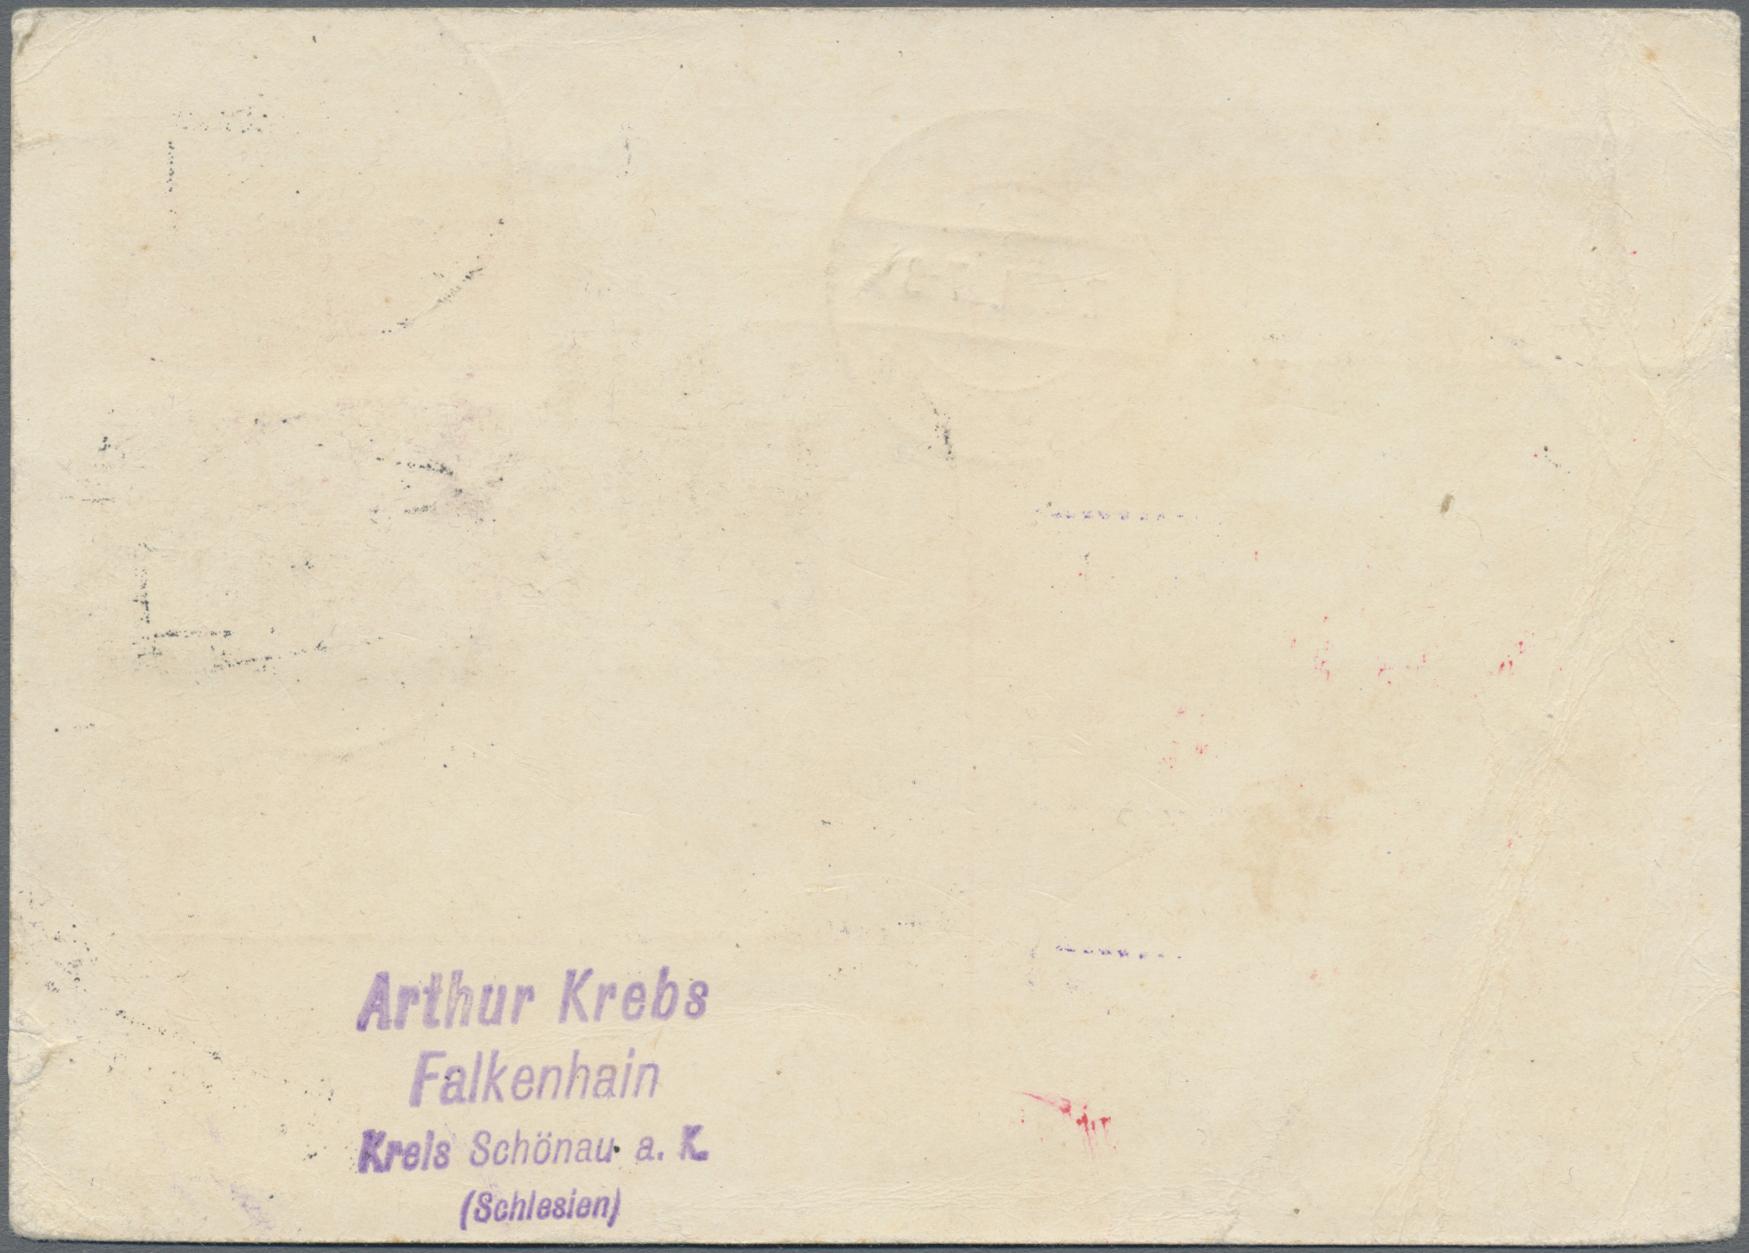 Lot 23134 - Deutsche Abstimmungsgebiete: Saargebiet - Ganzsachen  -  Auktionshaus Christoph Gärtner GmbH & Co. KG Sale #44 Germany, Picture Post cards